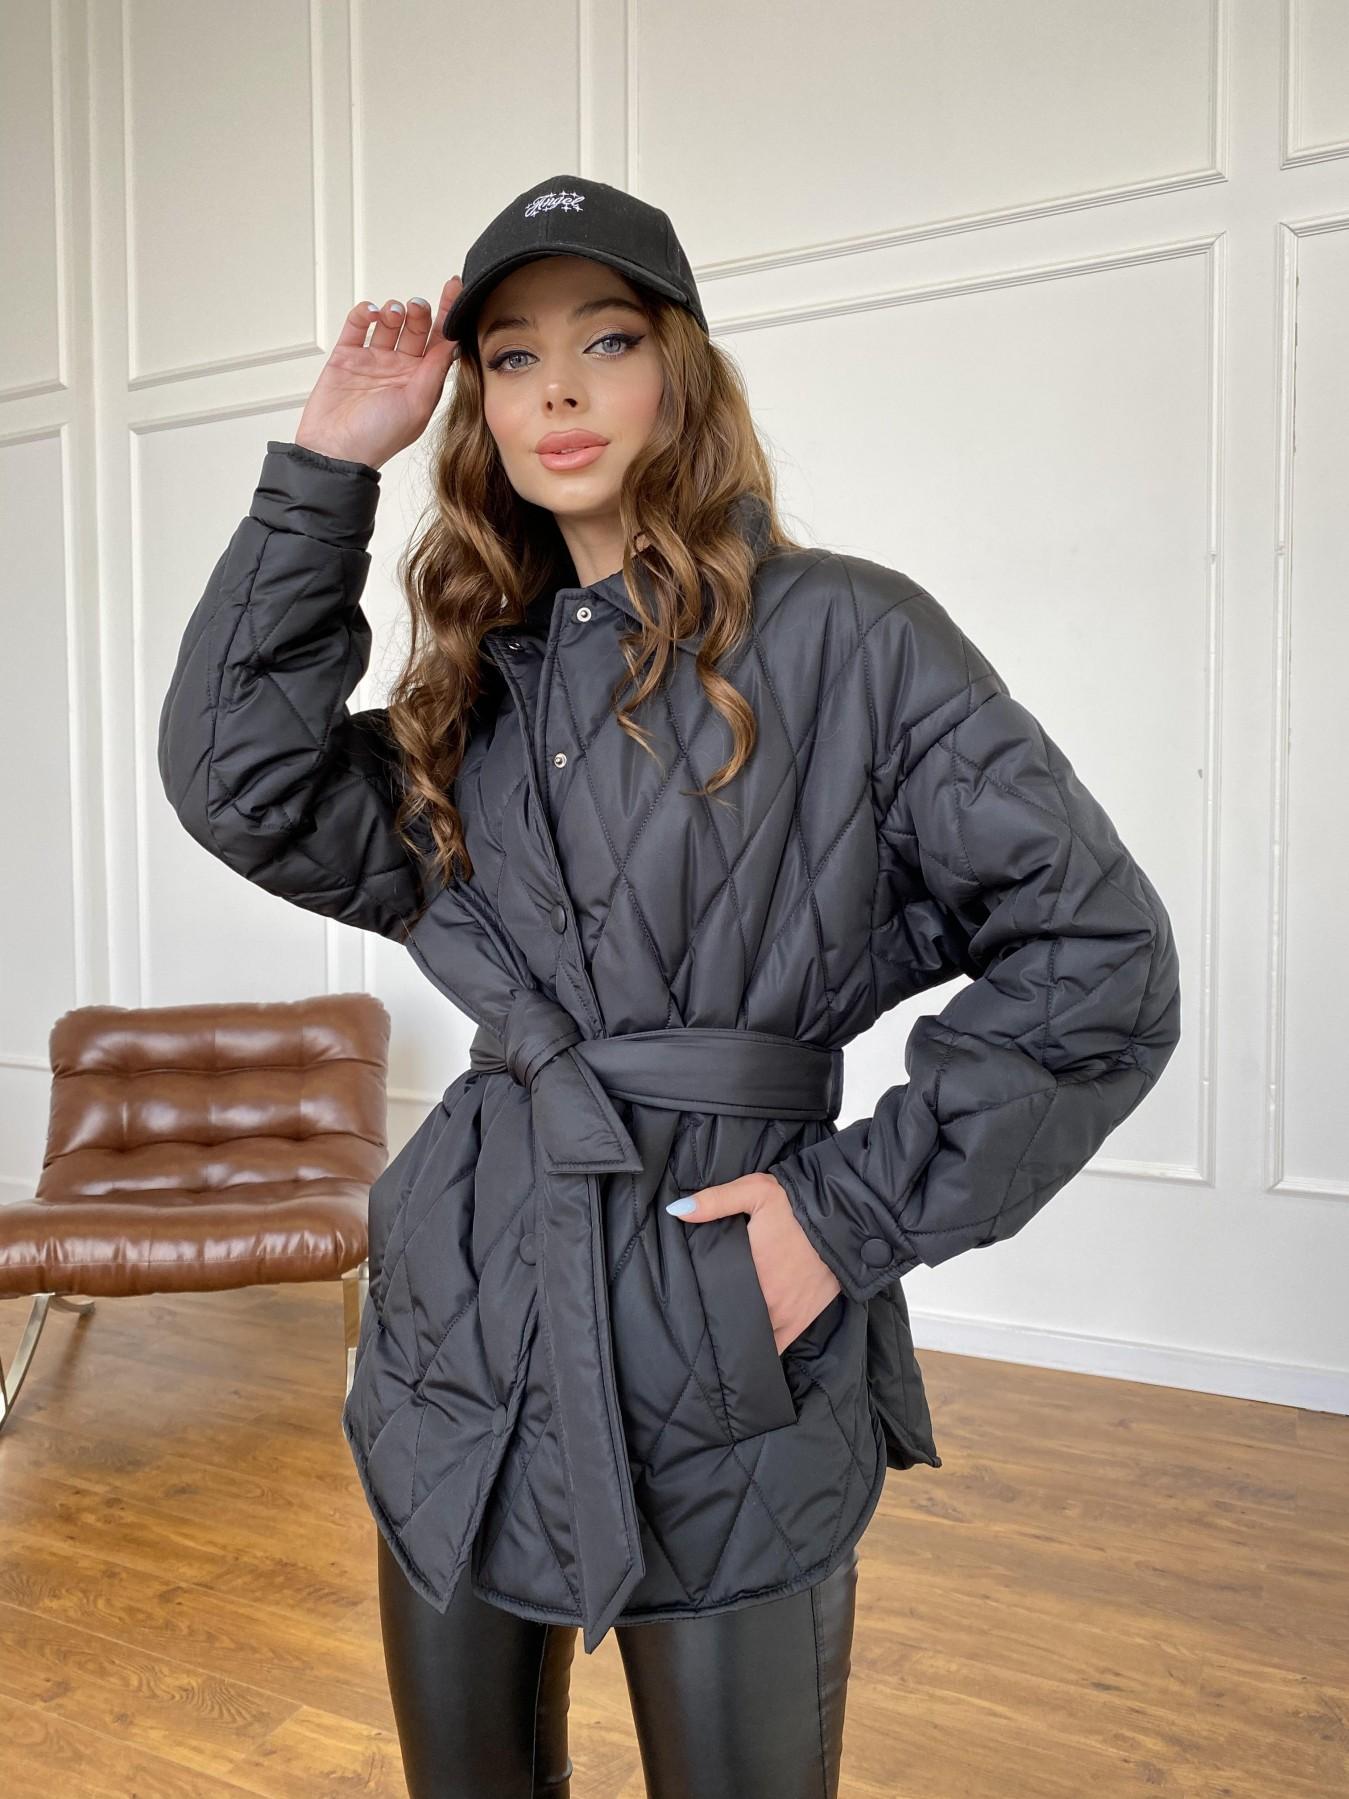 Моно куртка из плащевой ткани Ammy 10972 АРТ. 47618 Цвет: Черный - фото 4, интернет магазин tm-modus.ru